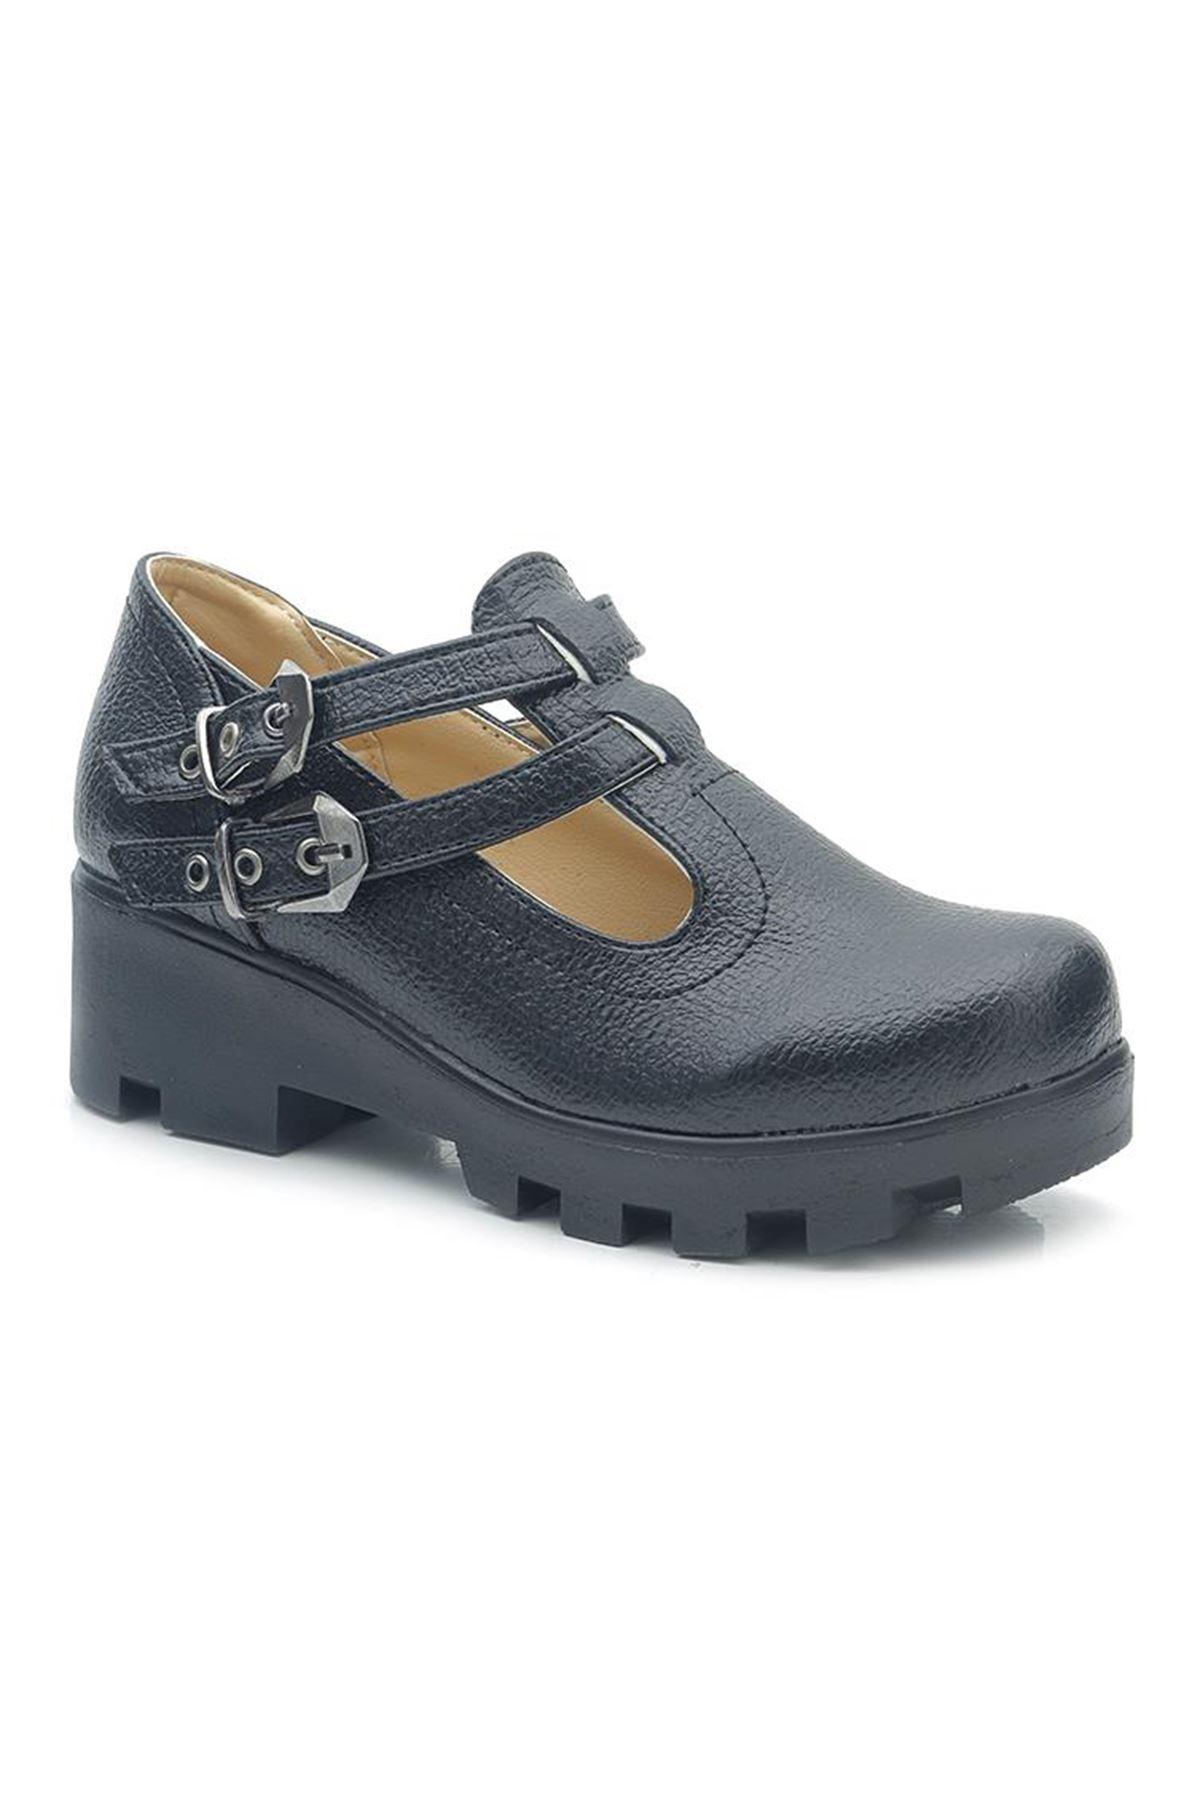 Kids World PR01 Kalın Taban Kız Çocuk Okul Ayakkabısı